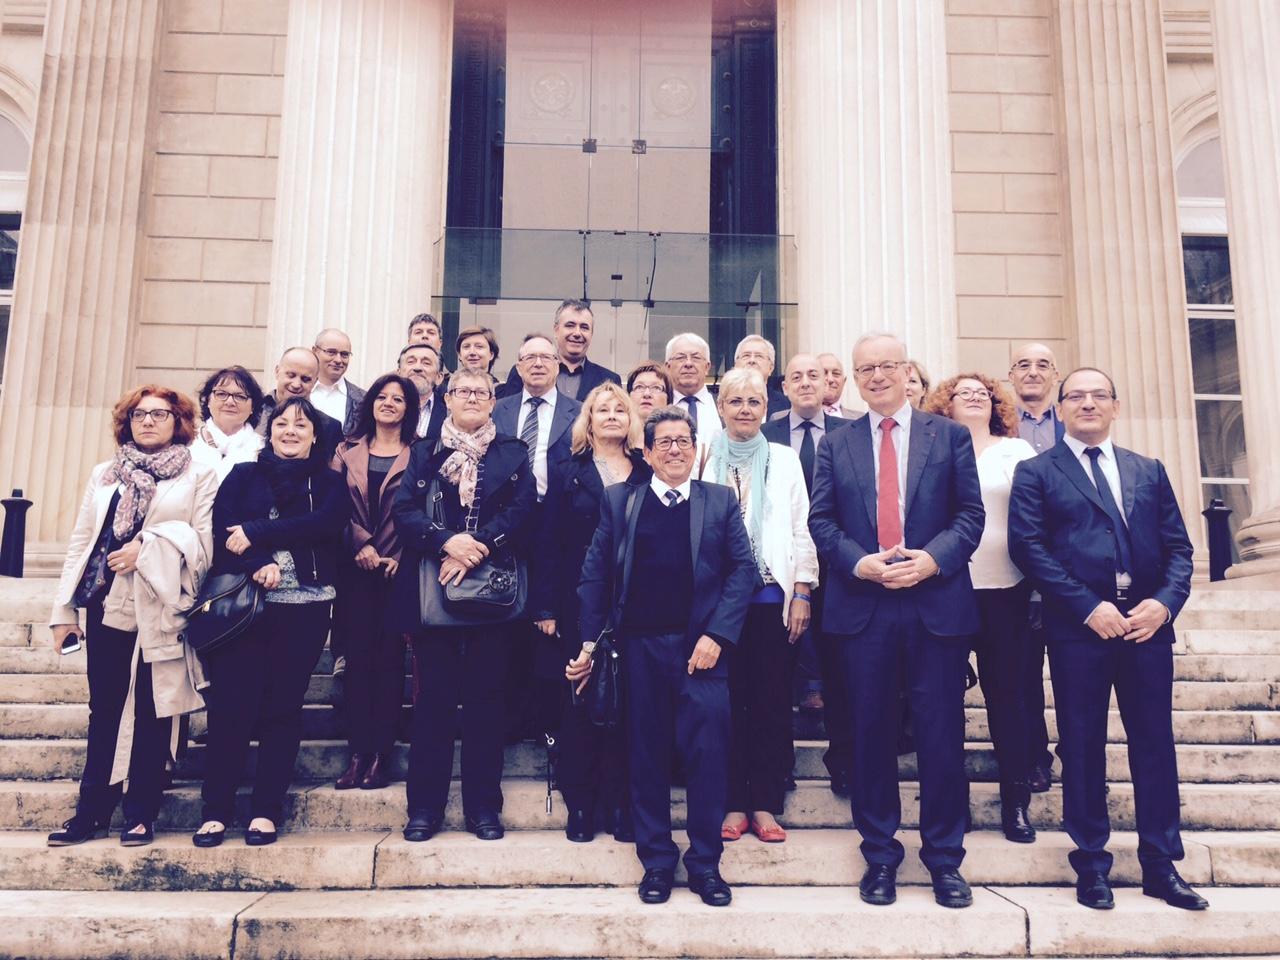 Les élus de l'Ain visitent l'Assemblée nationale